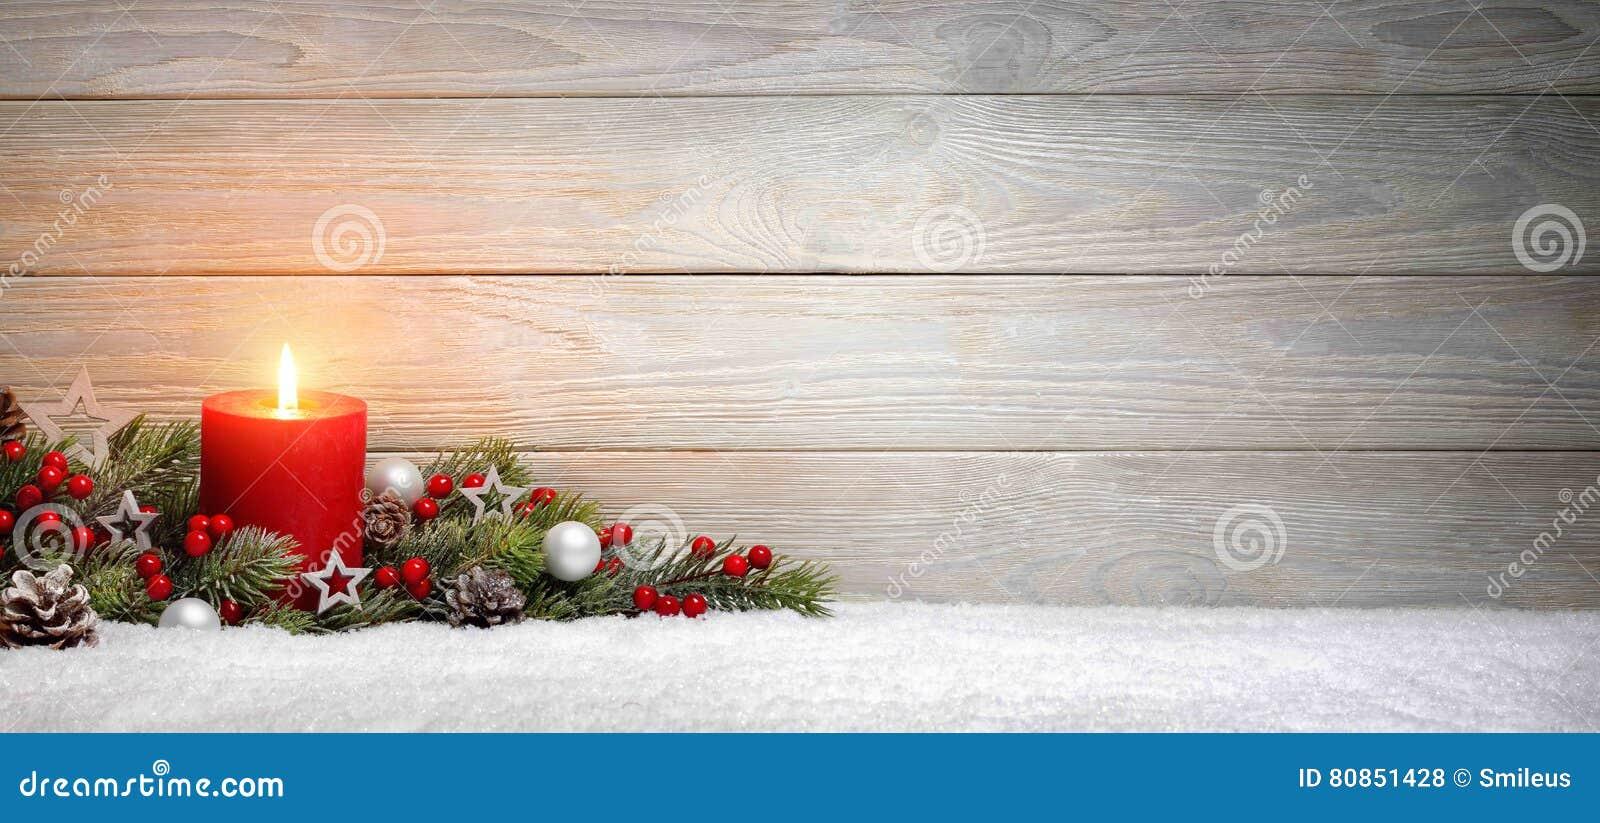 Fondo de madera de la Navidad o del advenimiento con una vela